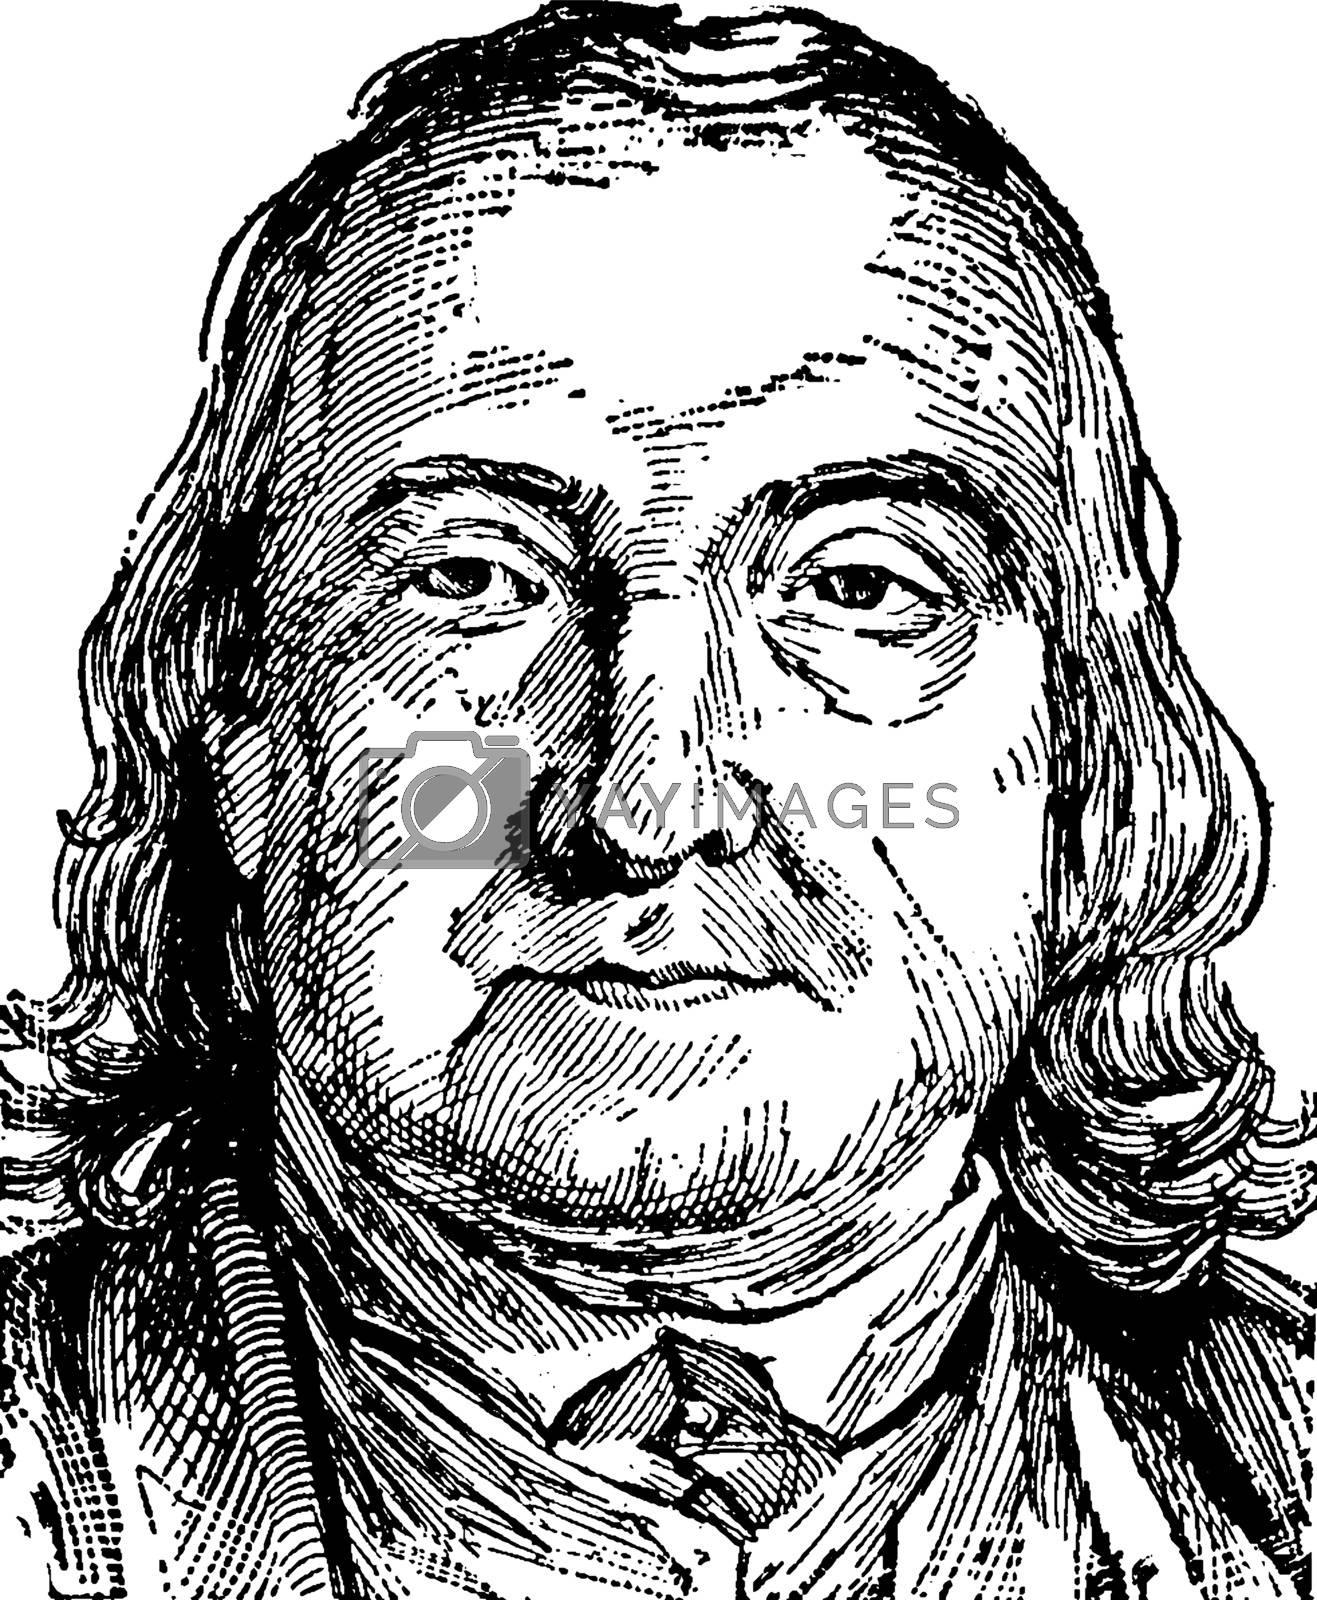 Jeremy Bentham, vintage illustration by Morphart